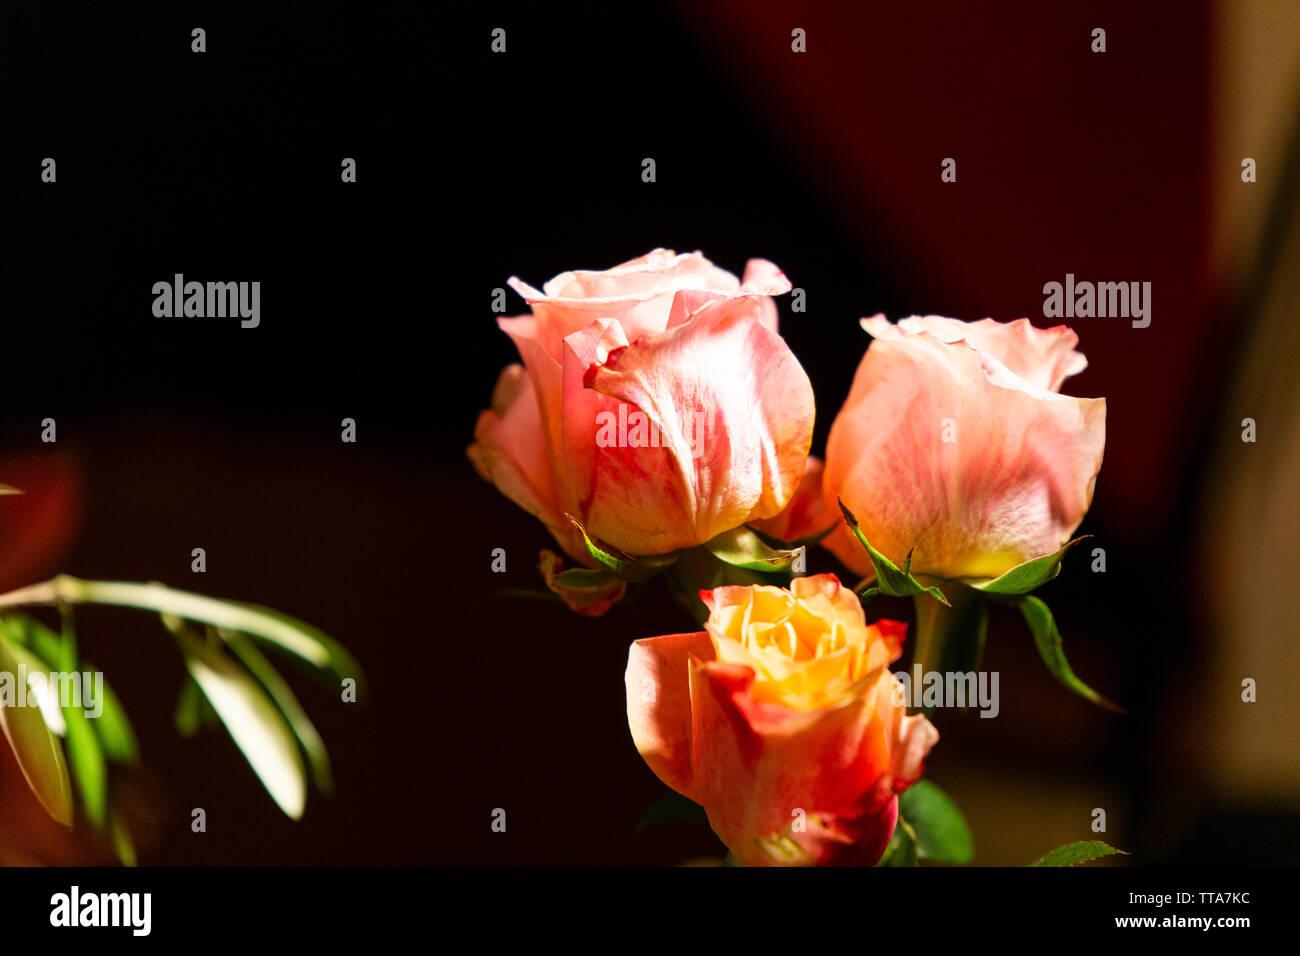 In der Nähe der Rosen auf dem Tisch Stockfoto